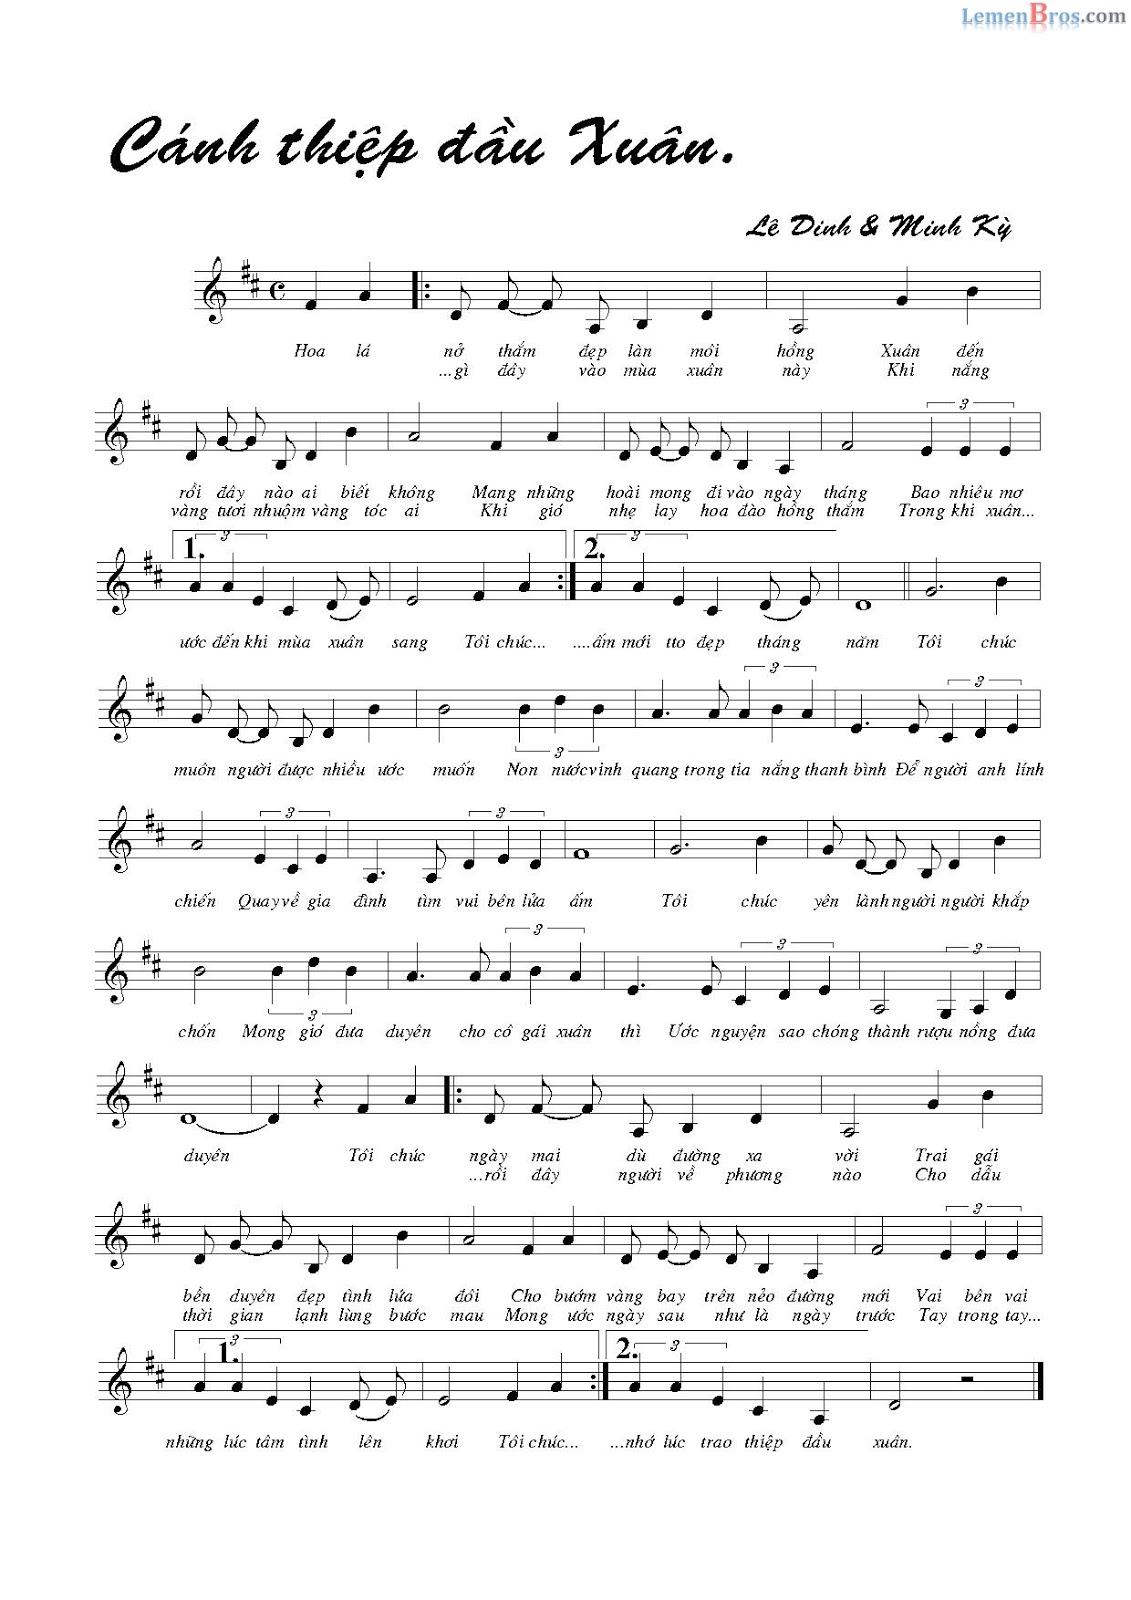 Nốt nhạc bài hát CÁNH THIỆP ĐẦU XUÂN